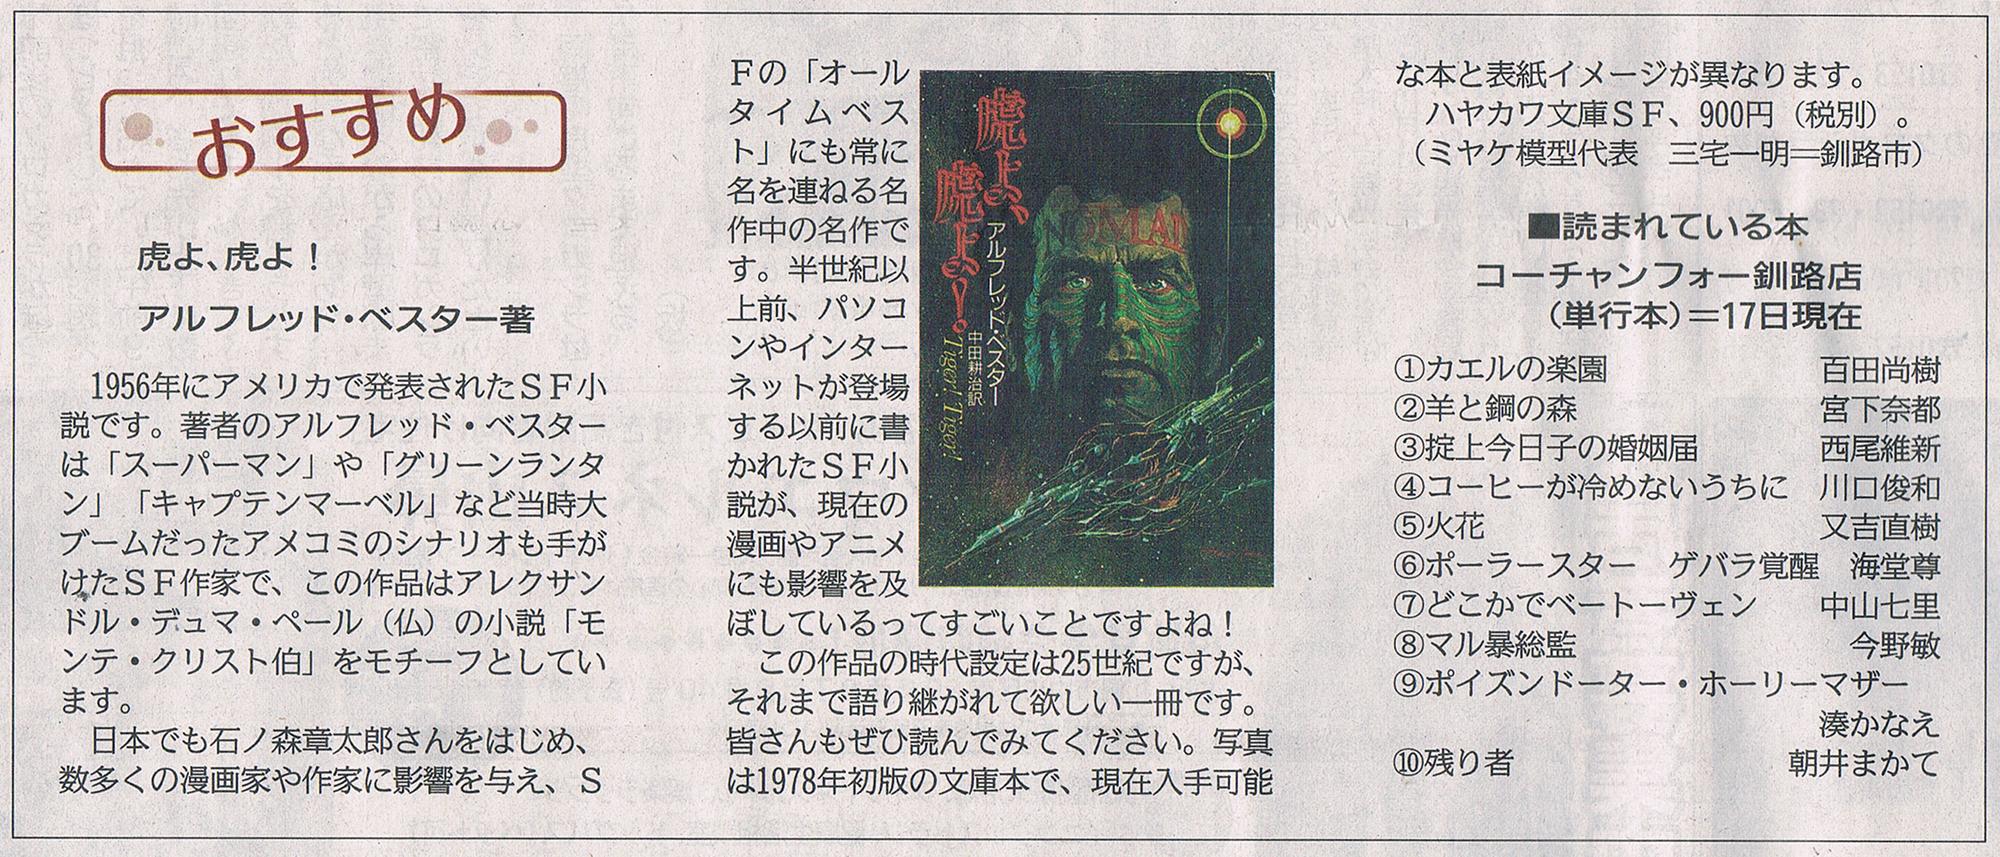 2016-6-23北海道新聞夕刊